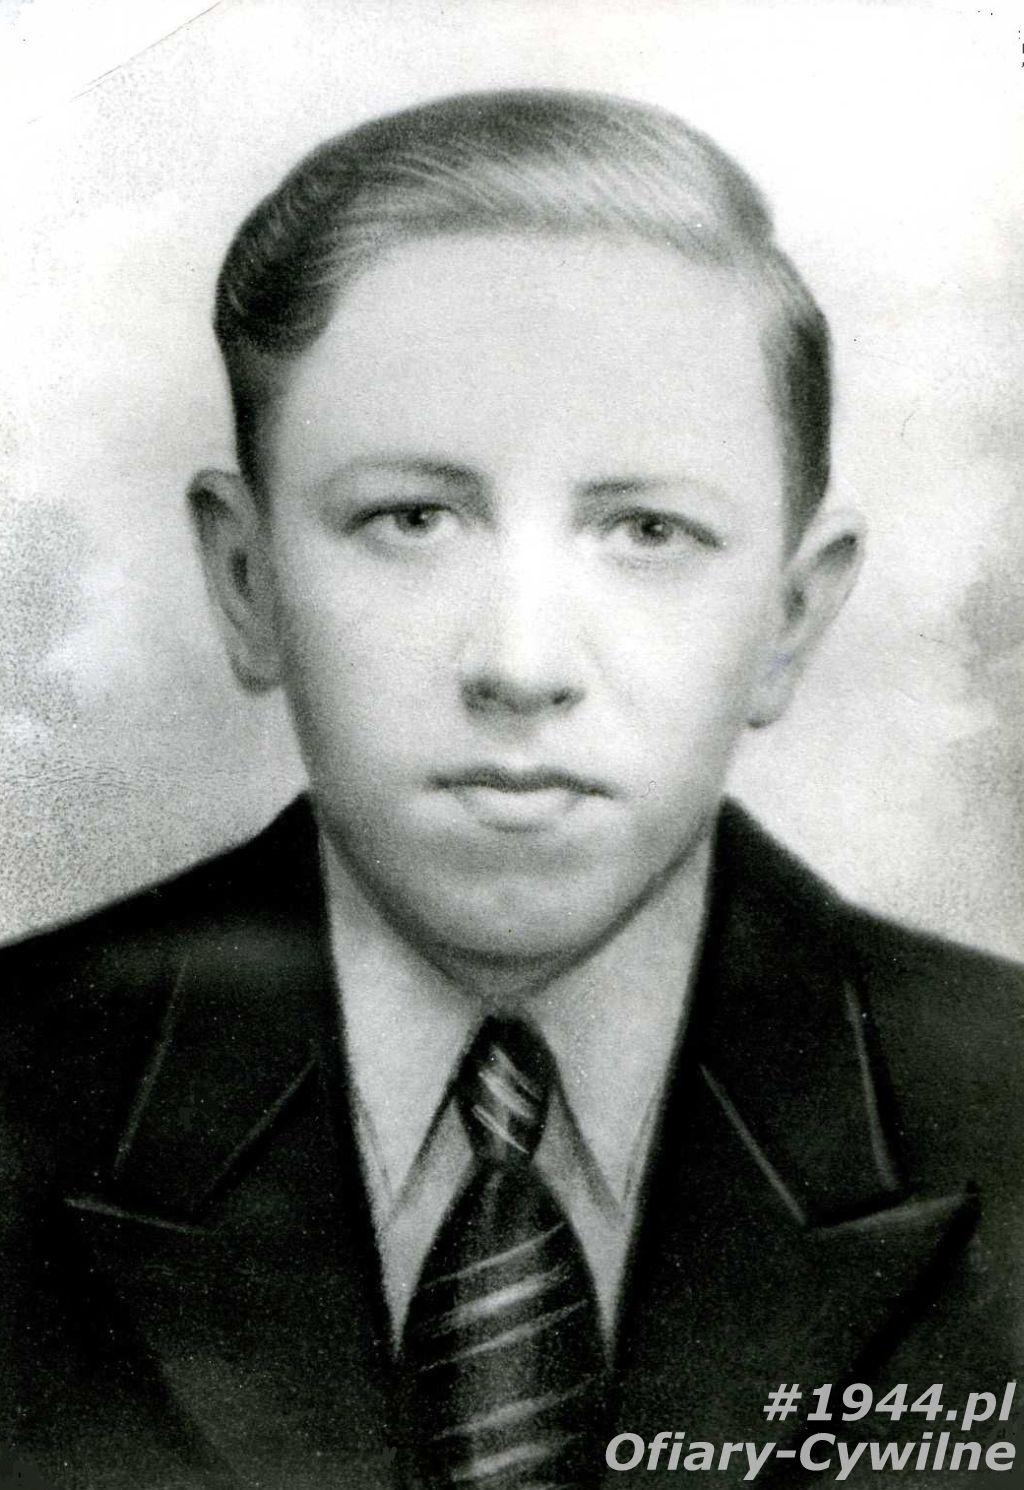 Tadeusz Piętak (1926-1944), zdjęcie udostępniła p. Wiesława Piętak